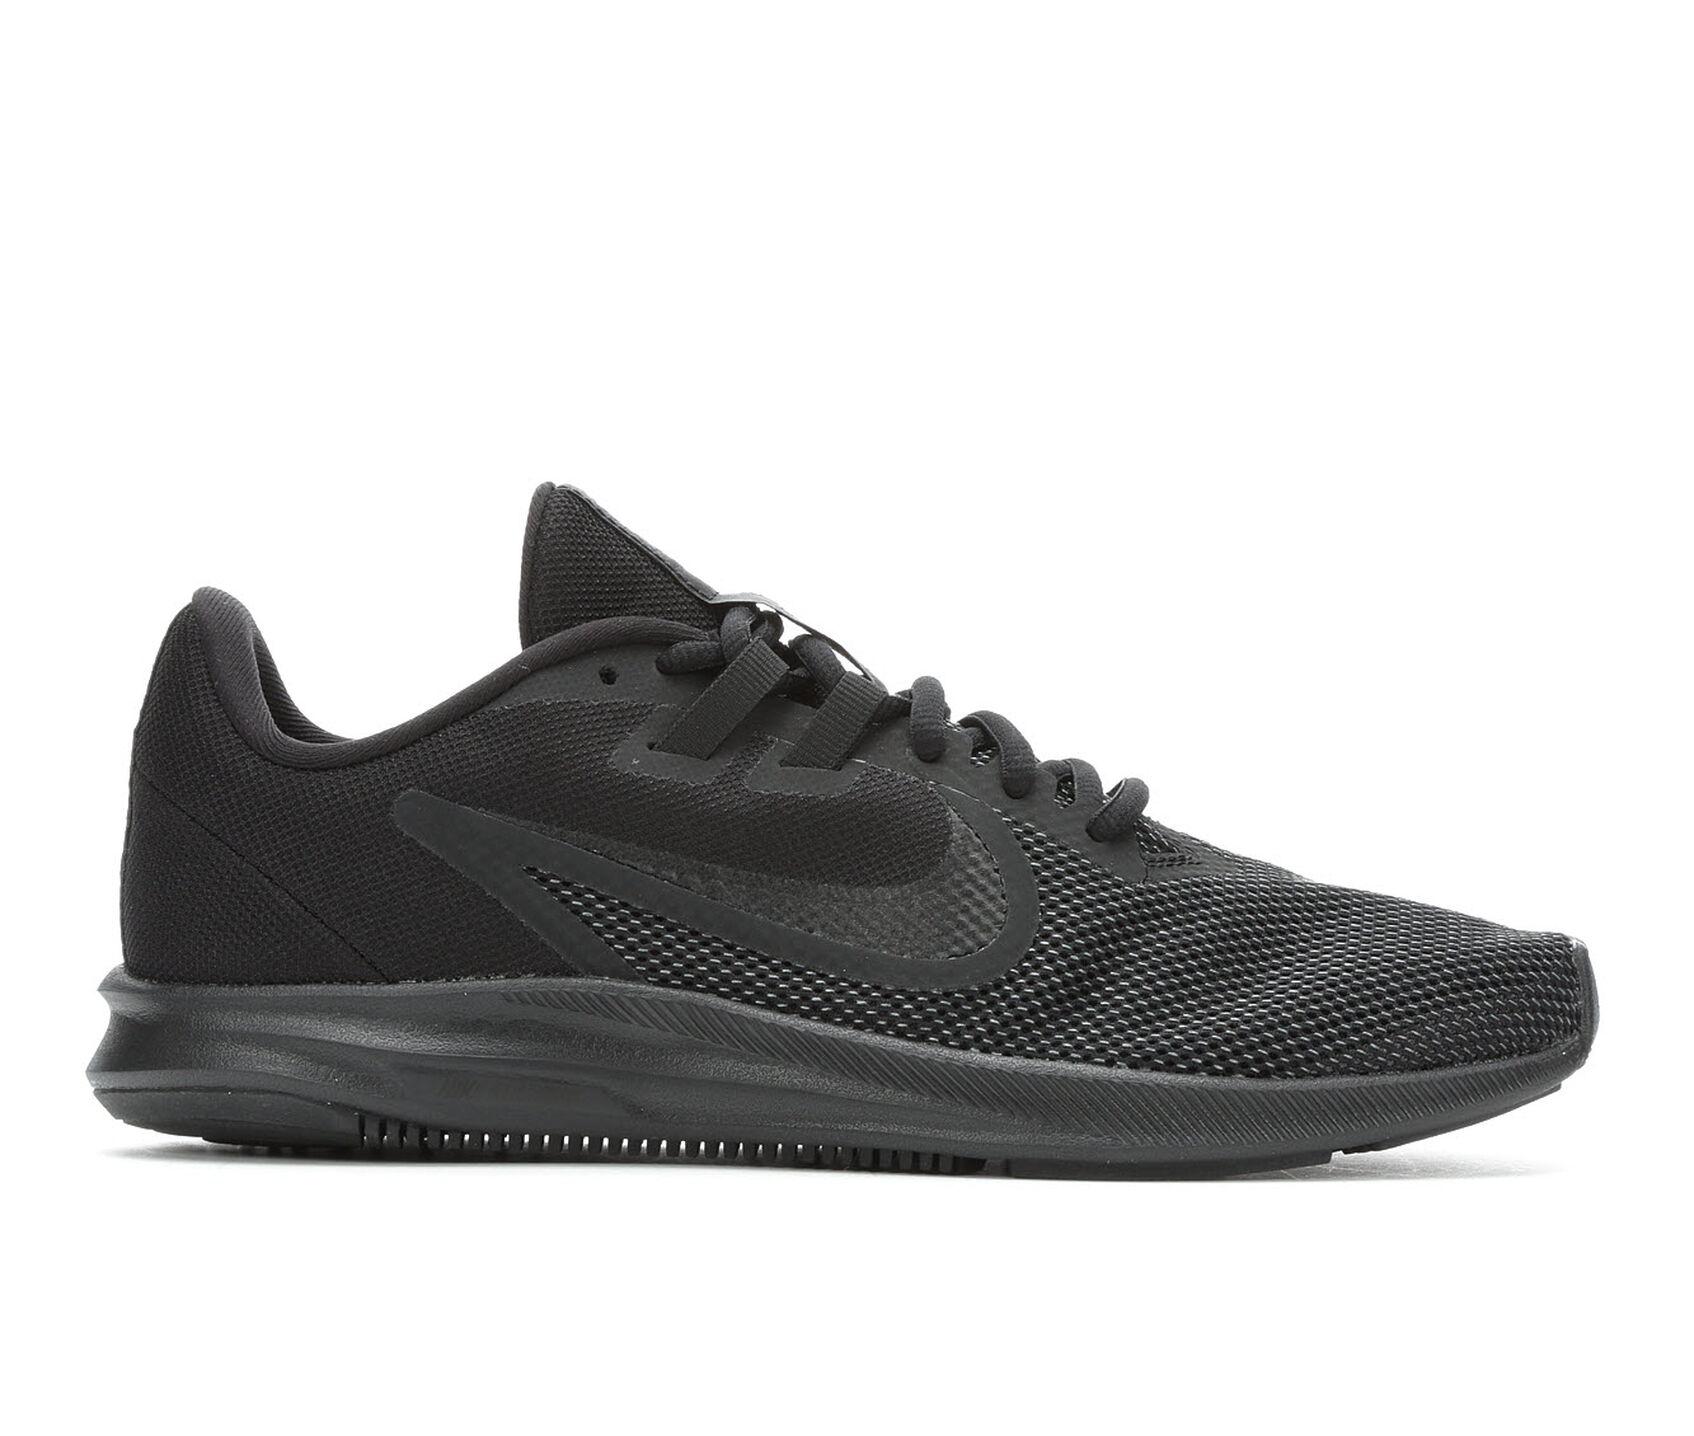 524b524c2ef2c Women's Nike Downshifter 9 Running Shoes | Shoe Carnival